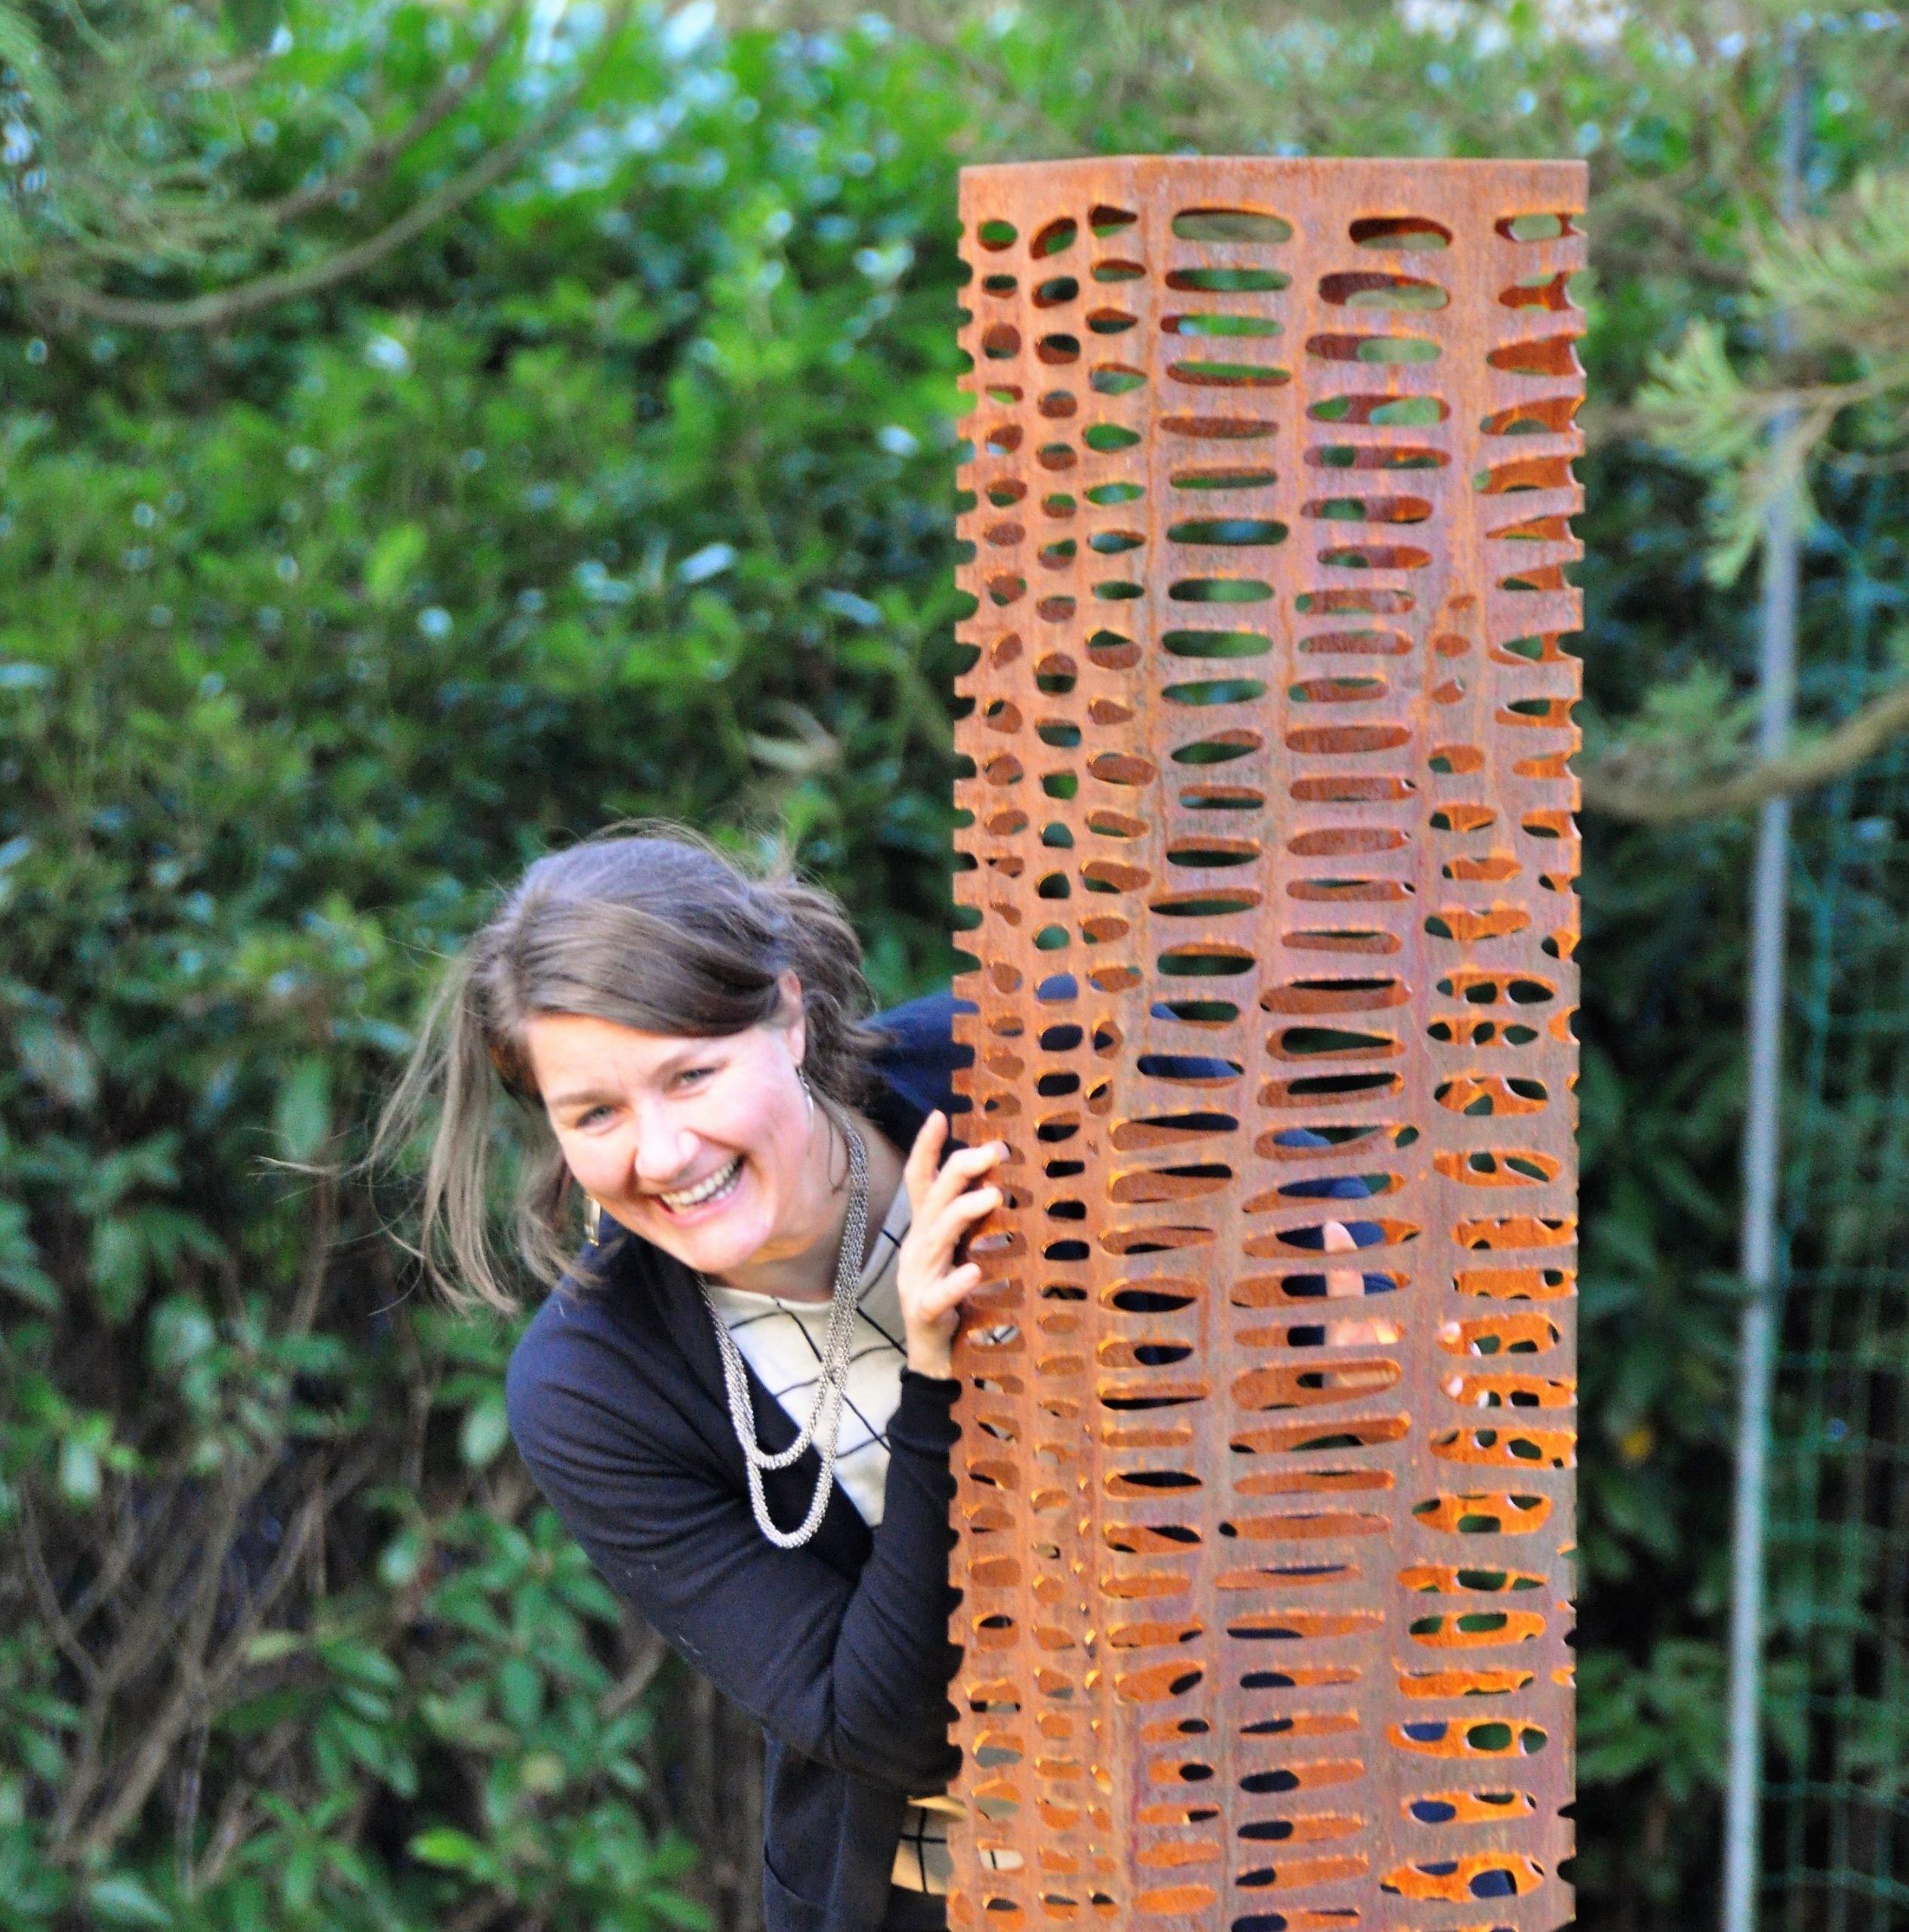 Robuuste sierlijke en organisch ogende kunstwerken van beeldend kunstenaar Juul Rameau bij Exclusive Spring Fair